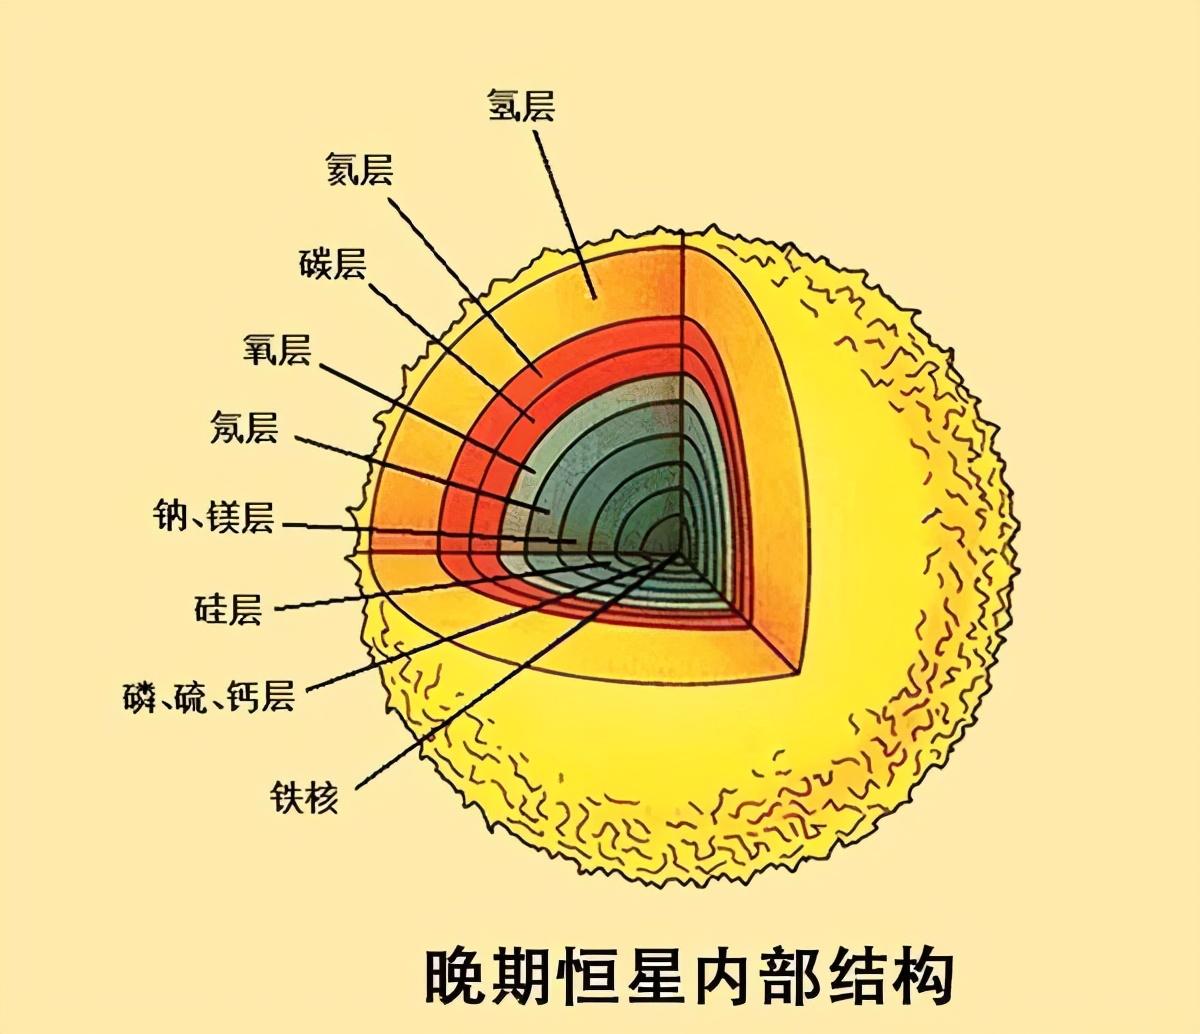 重核裂变(核裂变顾名思义是重核裂变) 投稿 第13张